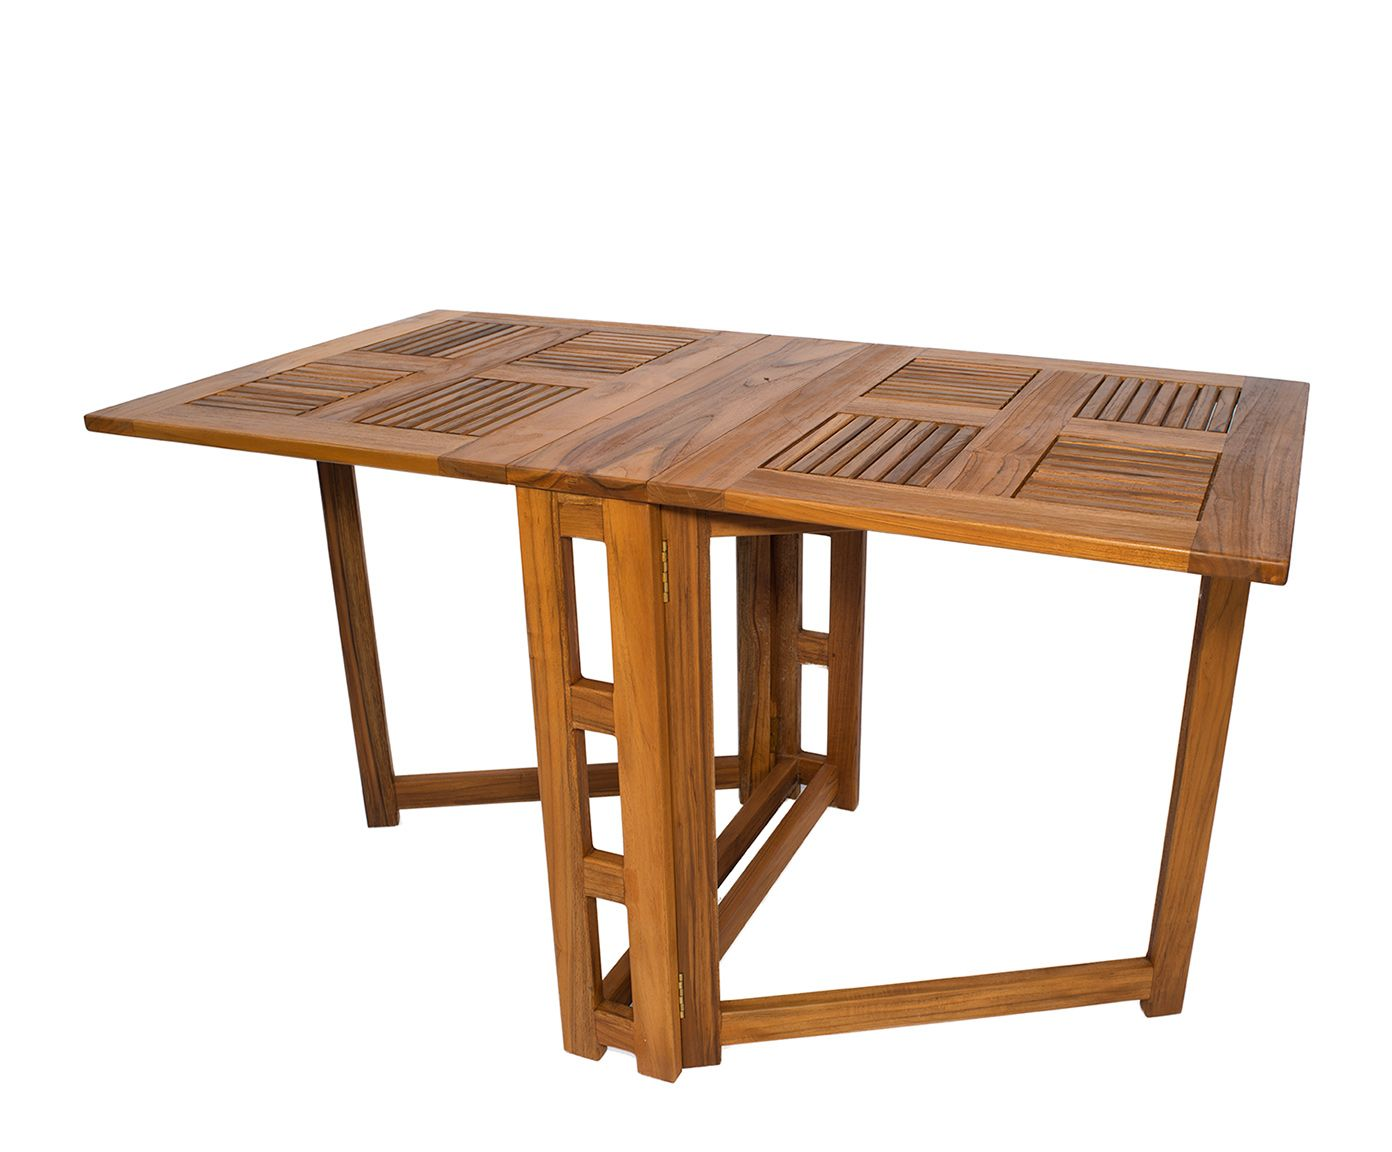 tavolo pieghevole balcone (con immagini) Tavolo